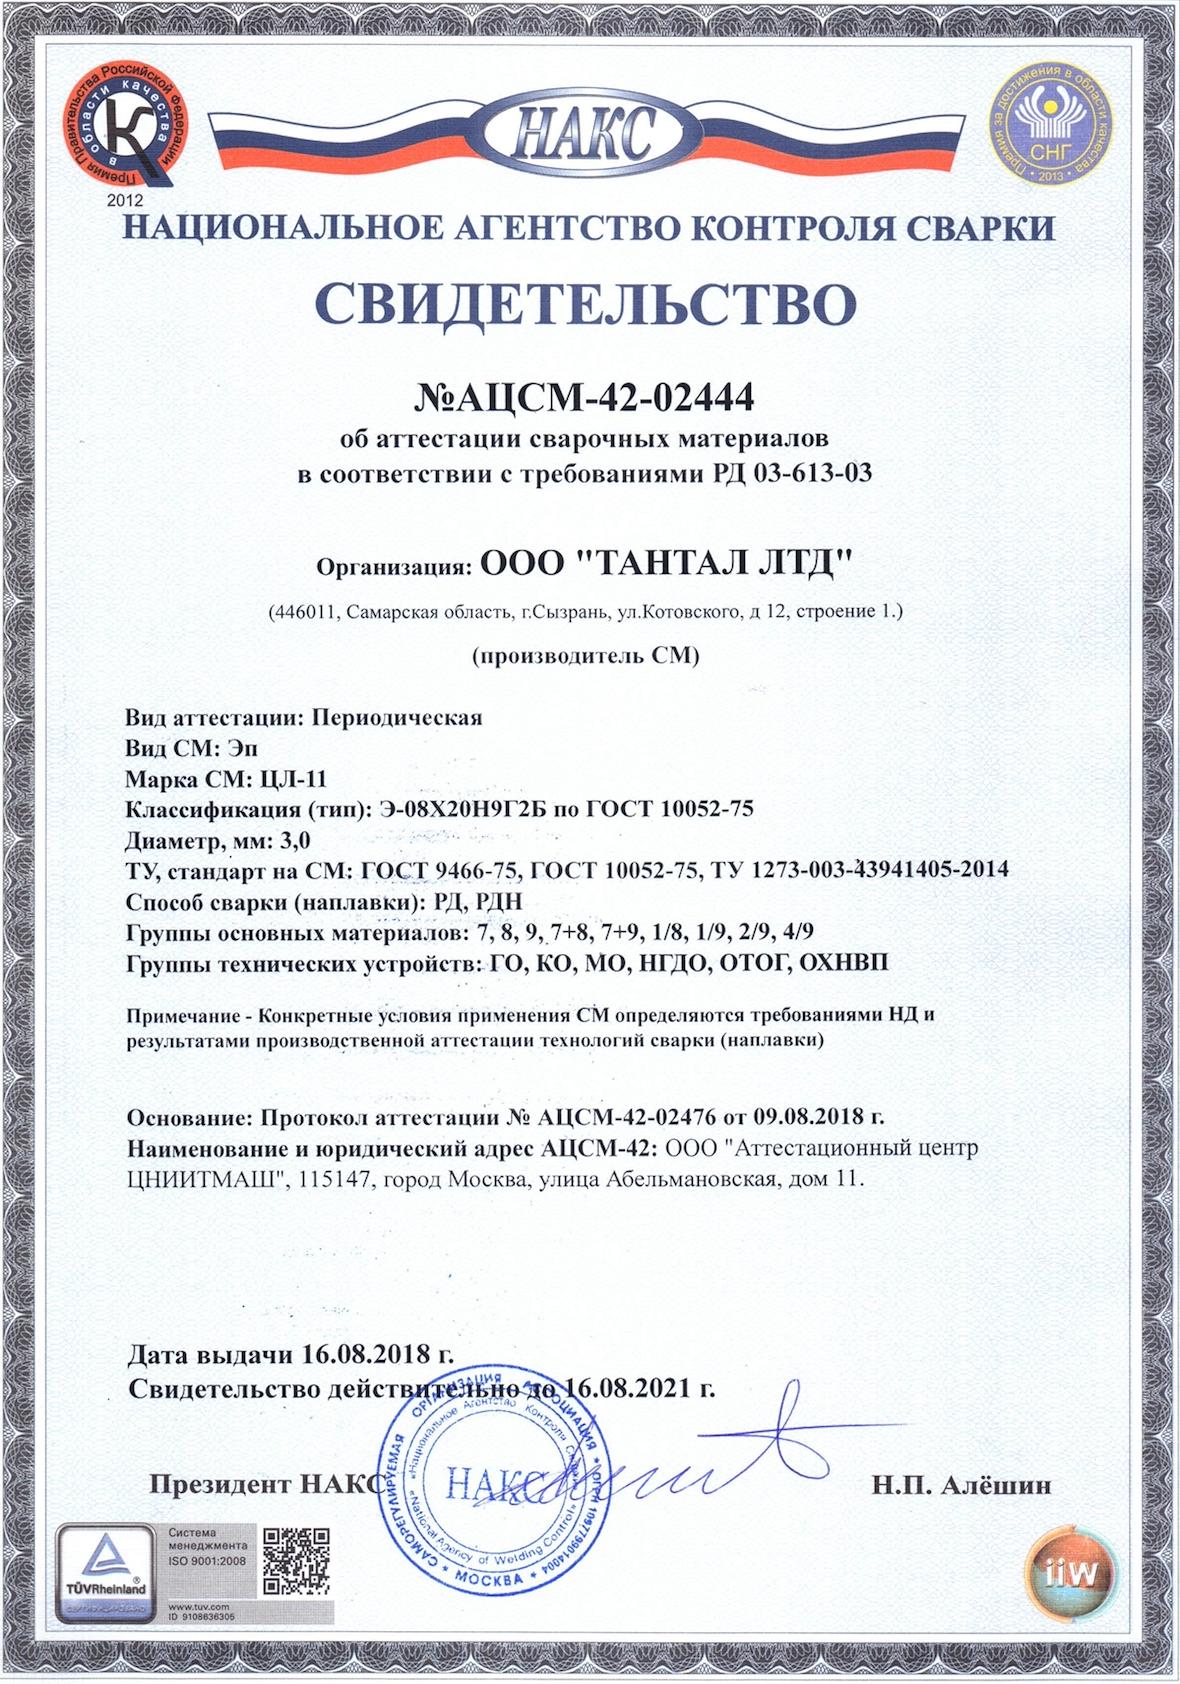 Свидетельство НАКС ЦЛ-11 (3мм)